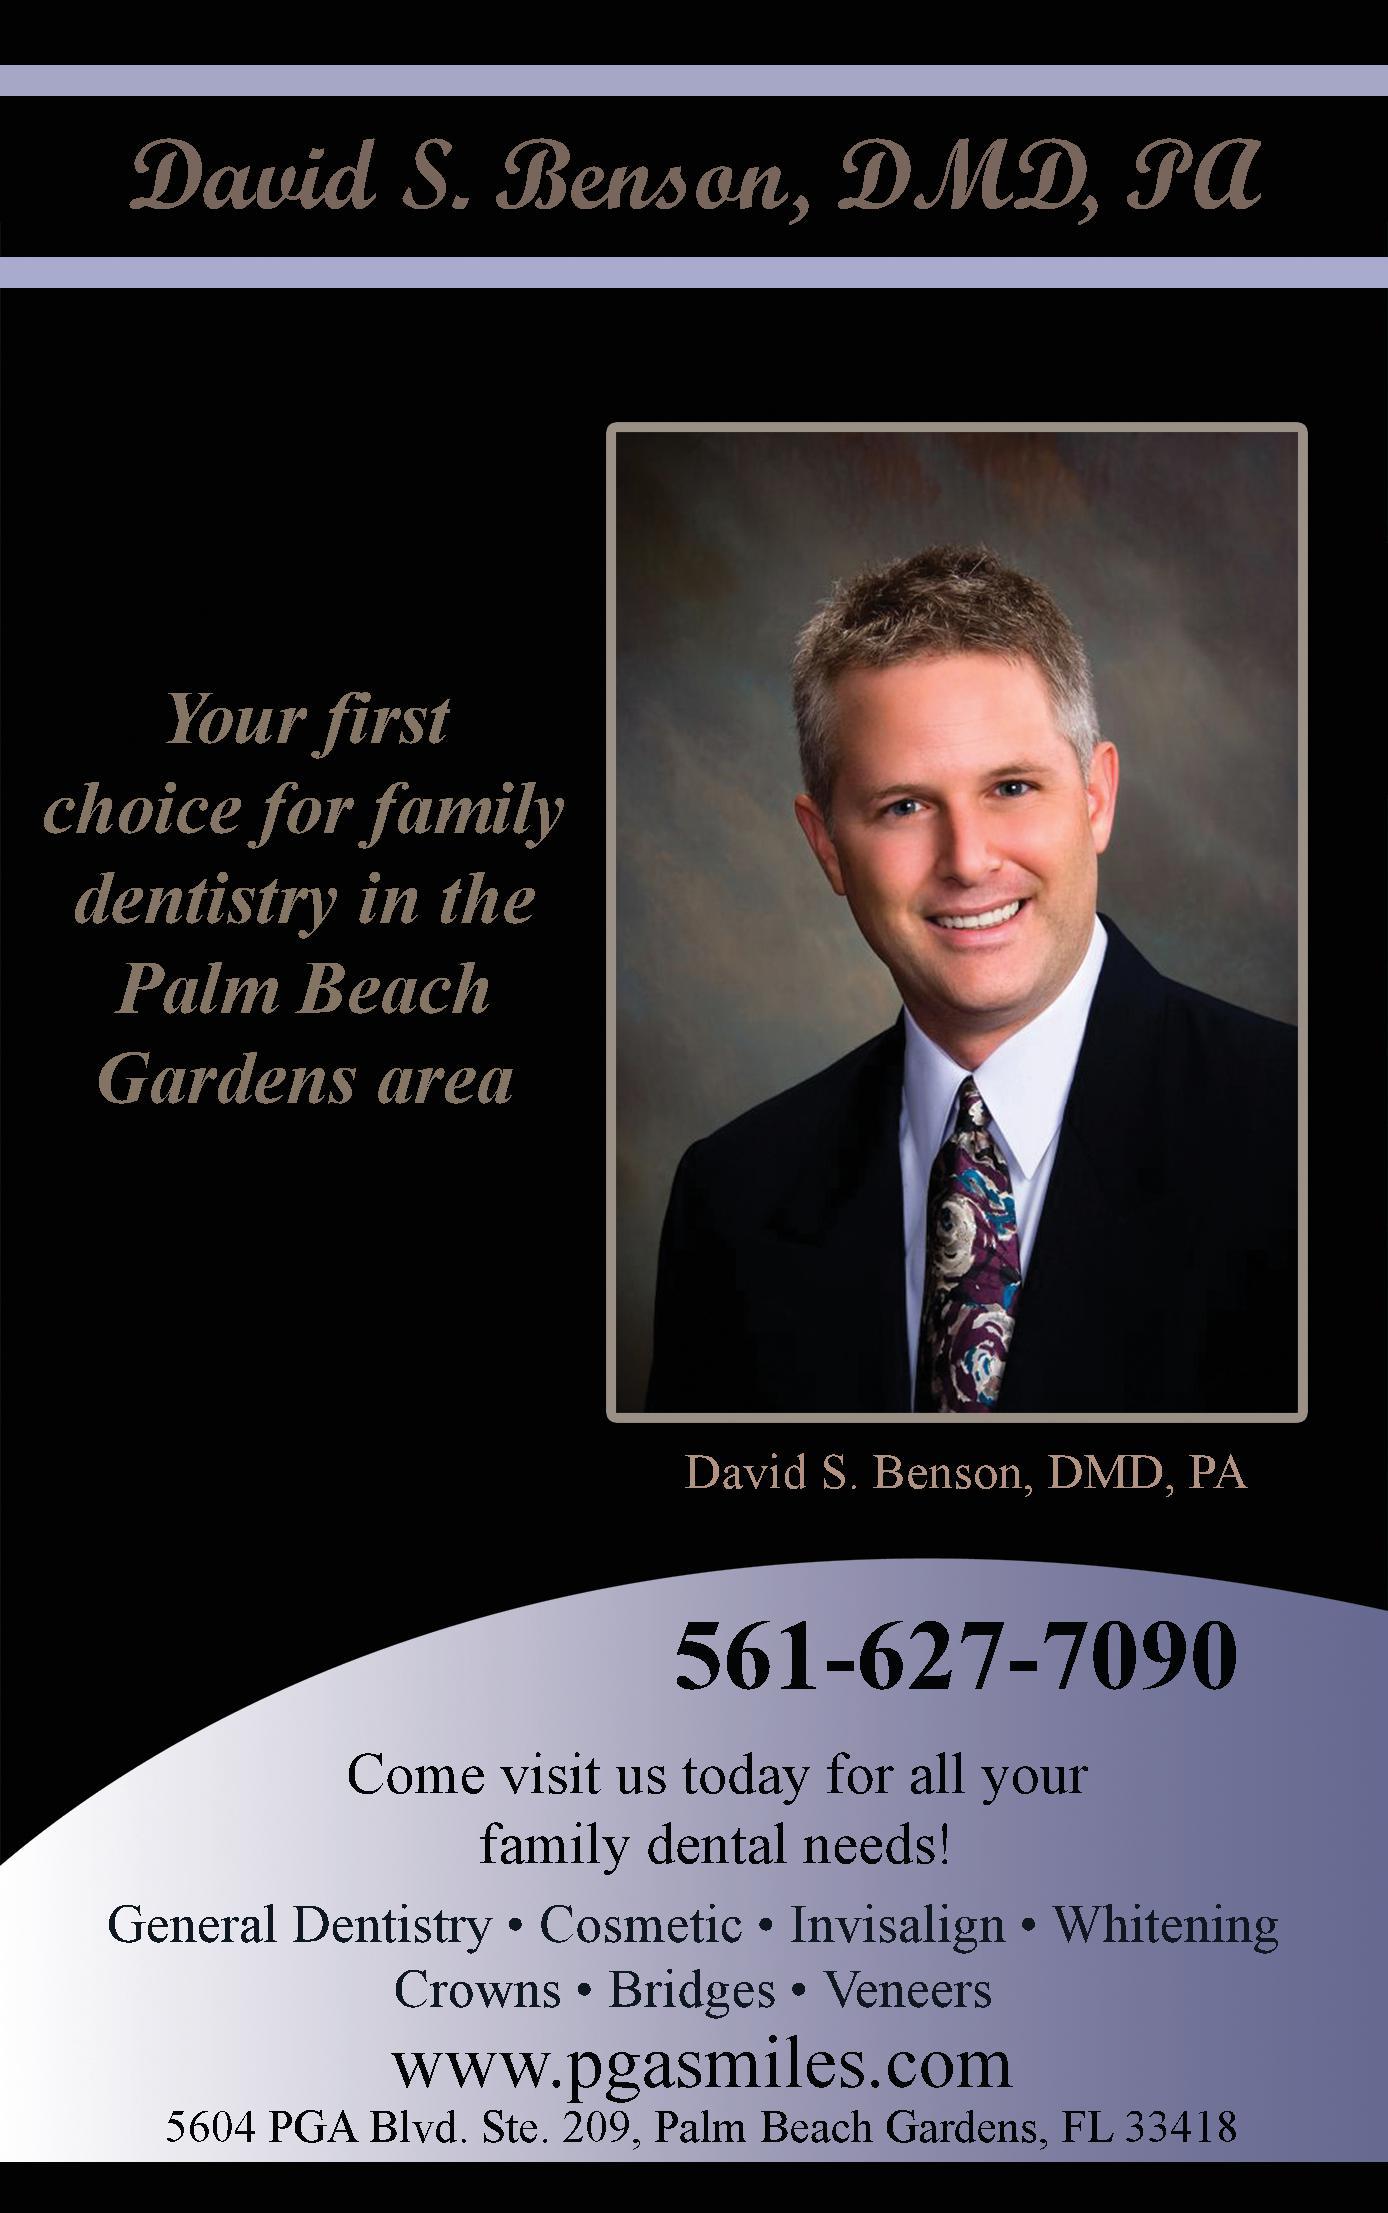 David S. Benson, DMD, PA